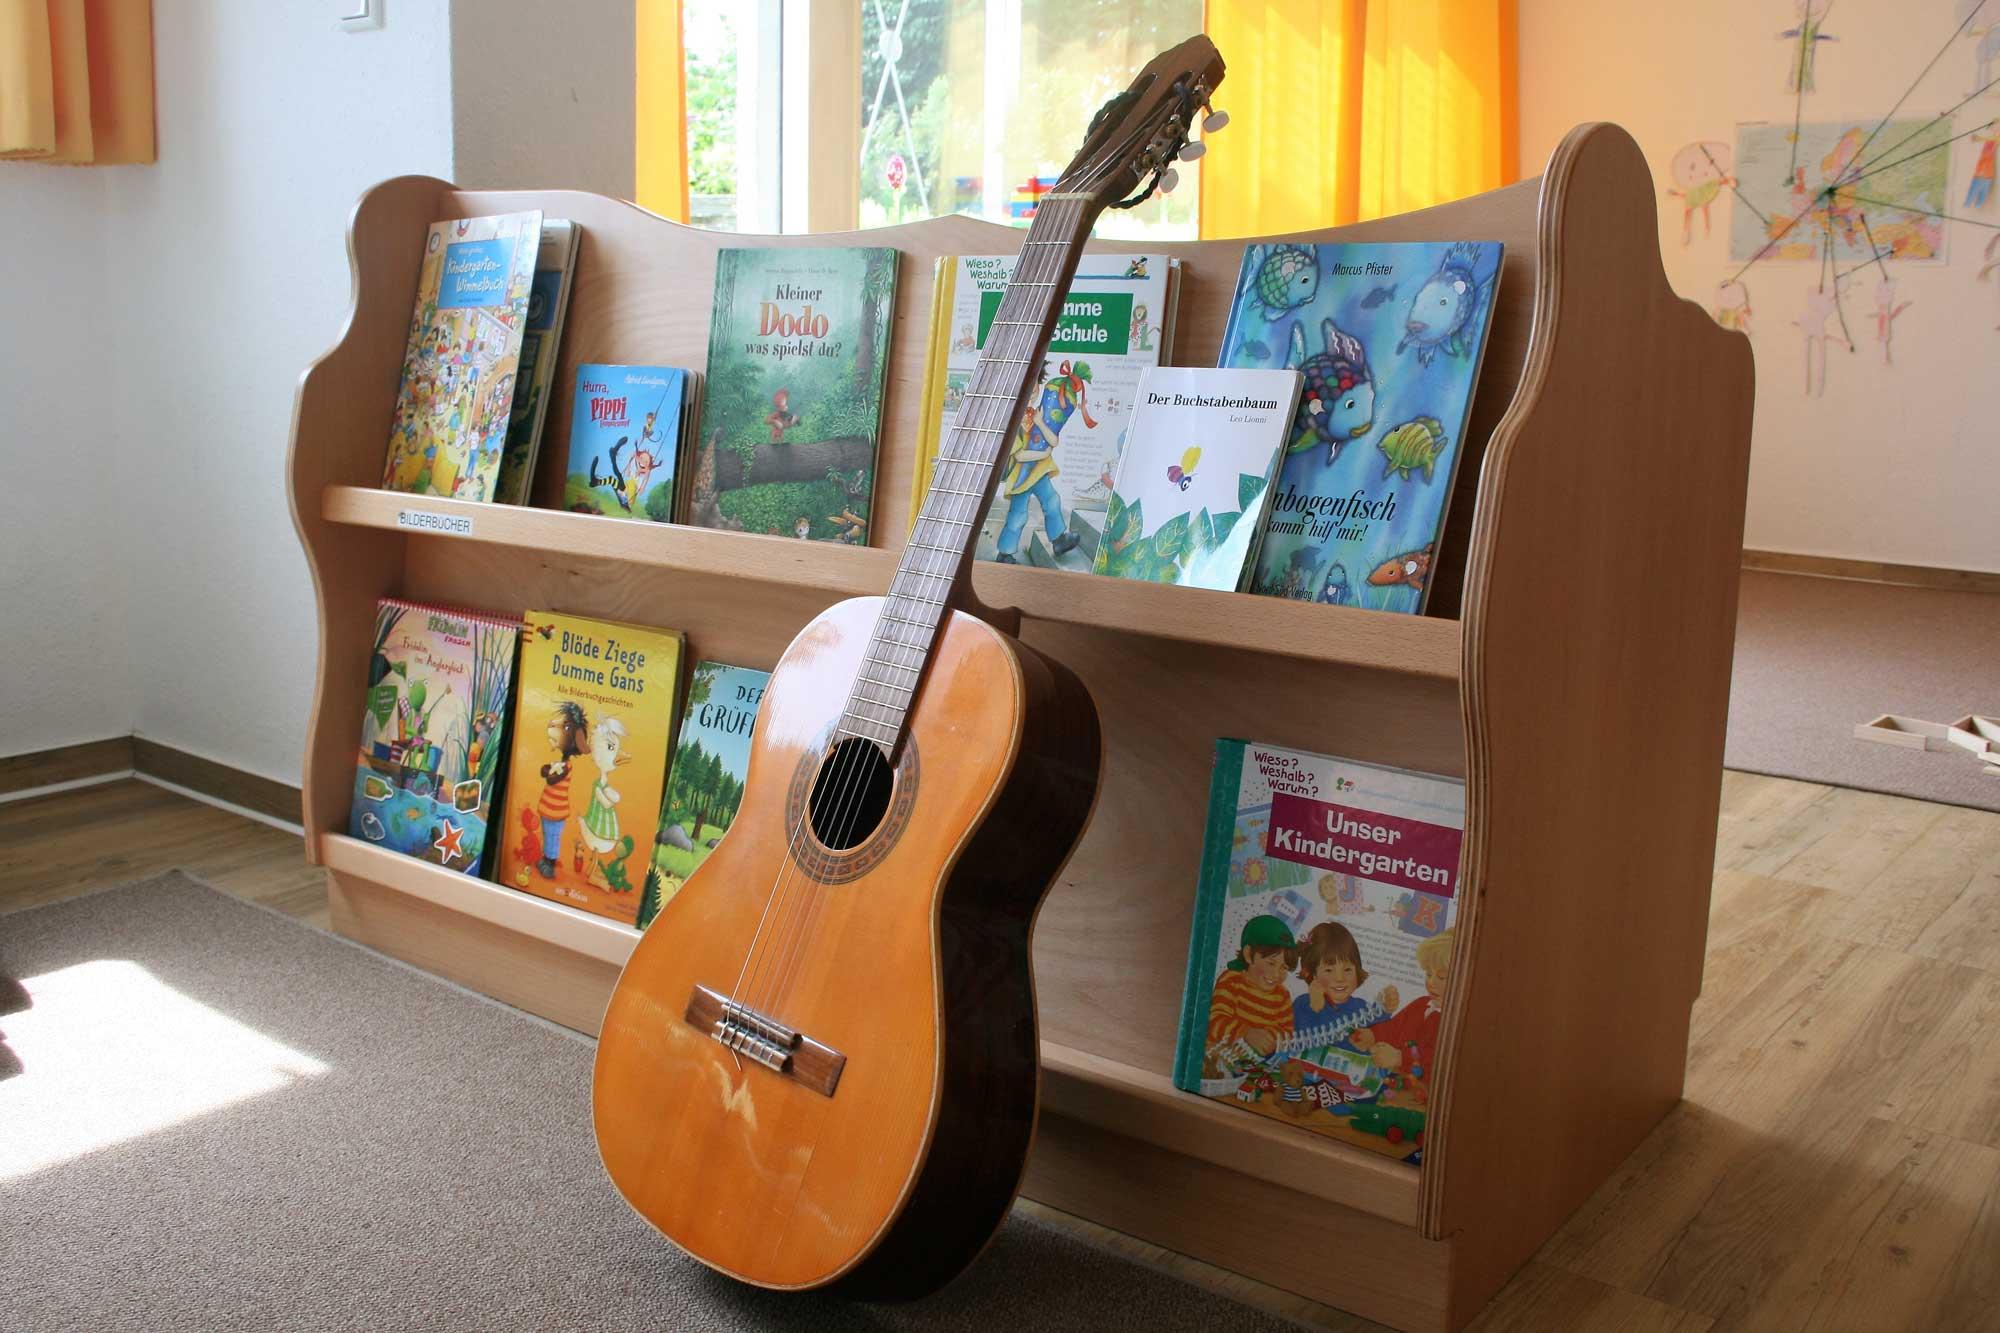 Bücherregal mit Büchern und Gitarre davor